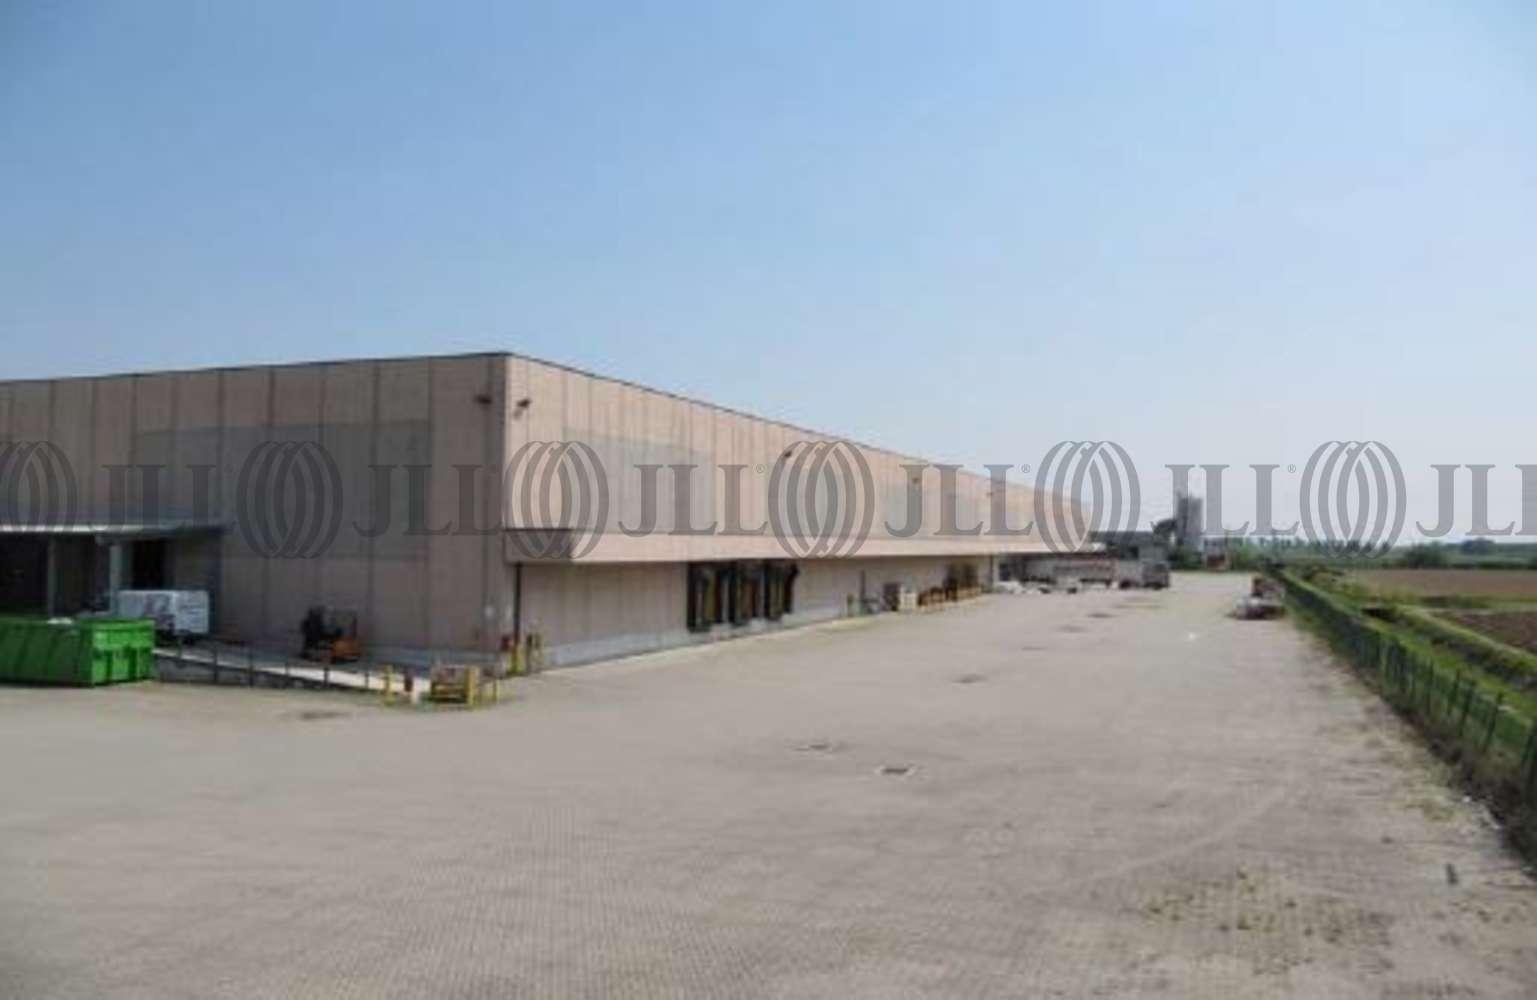 Magazzini industriali e logistici Casaletto lodigiano, 26852 - Casaletto Lodigiano